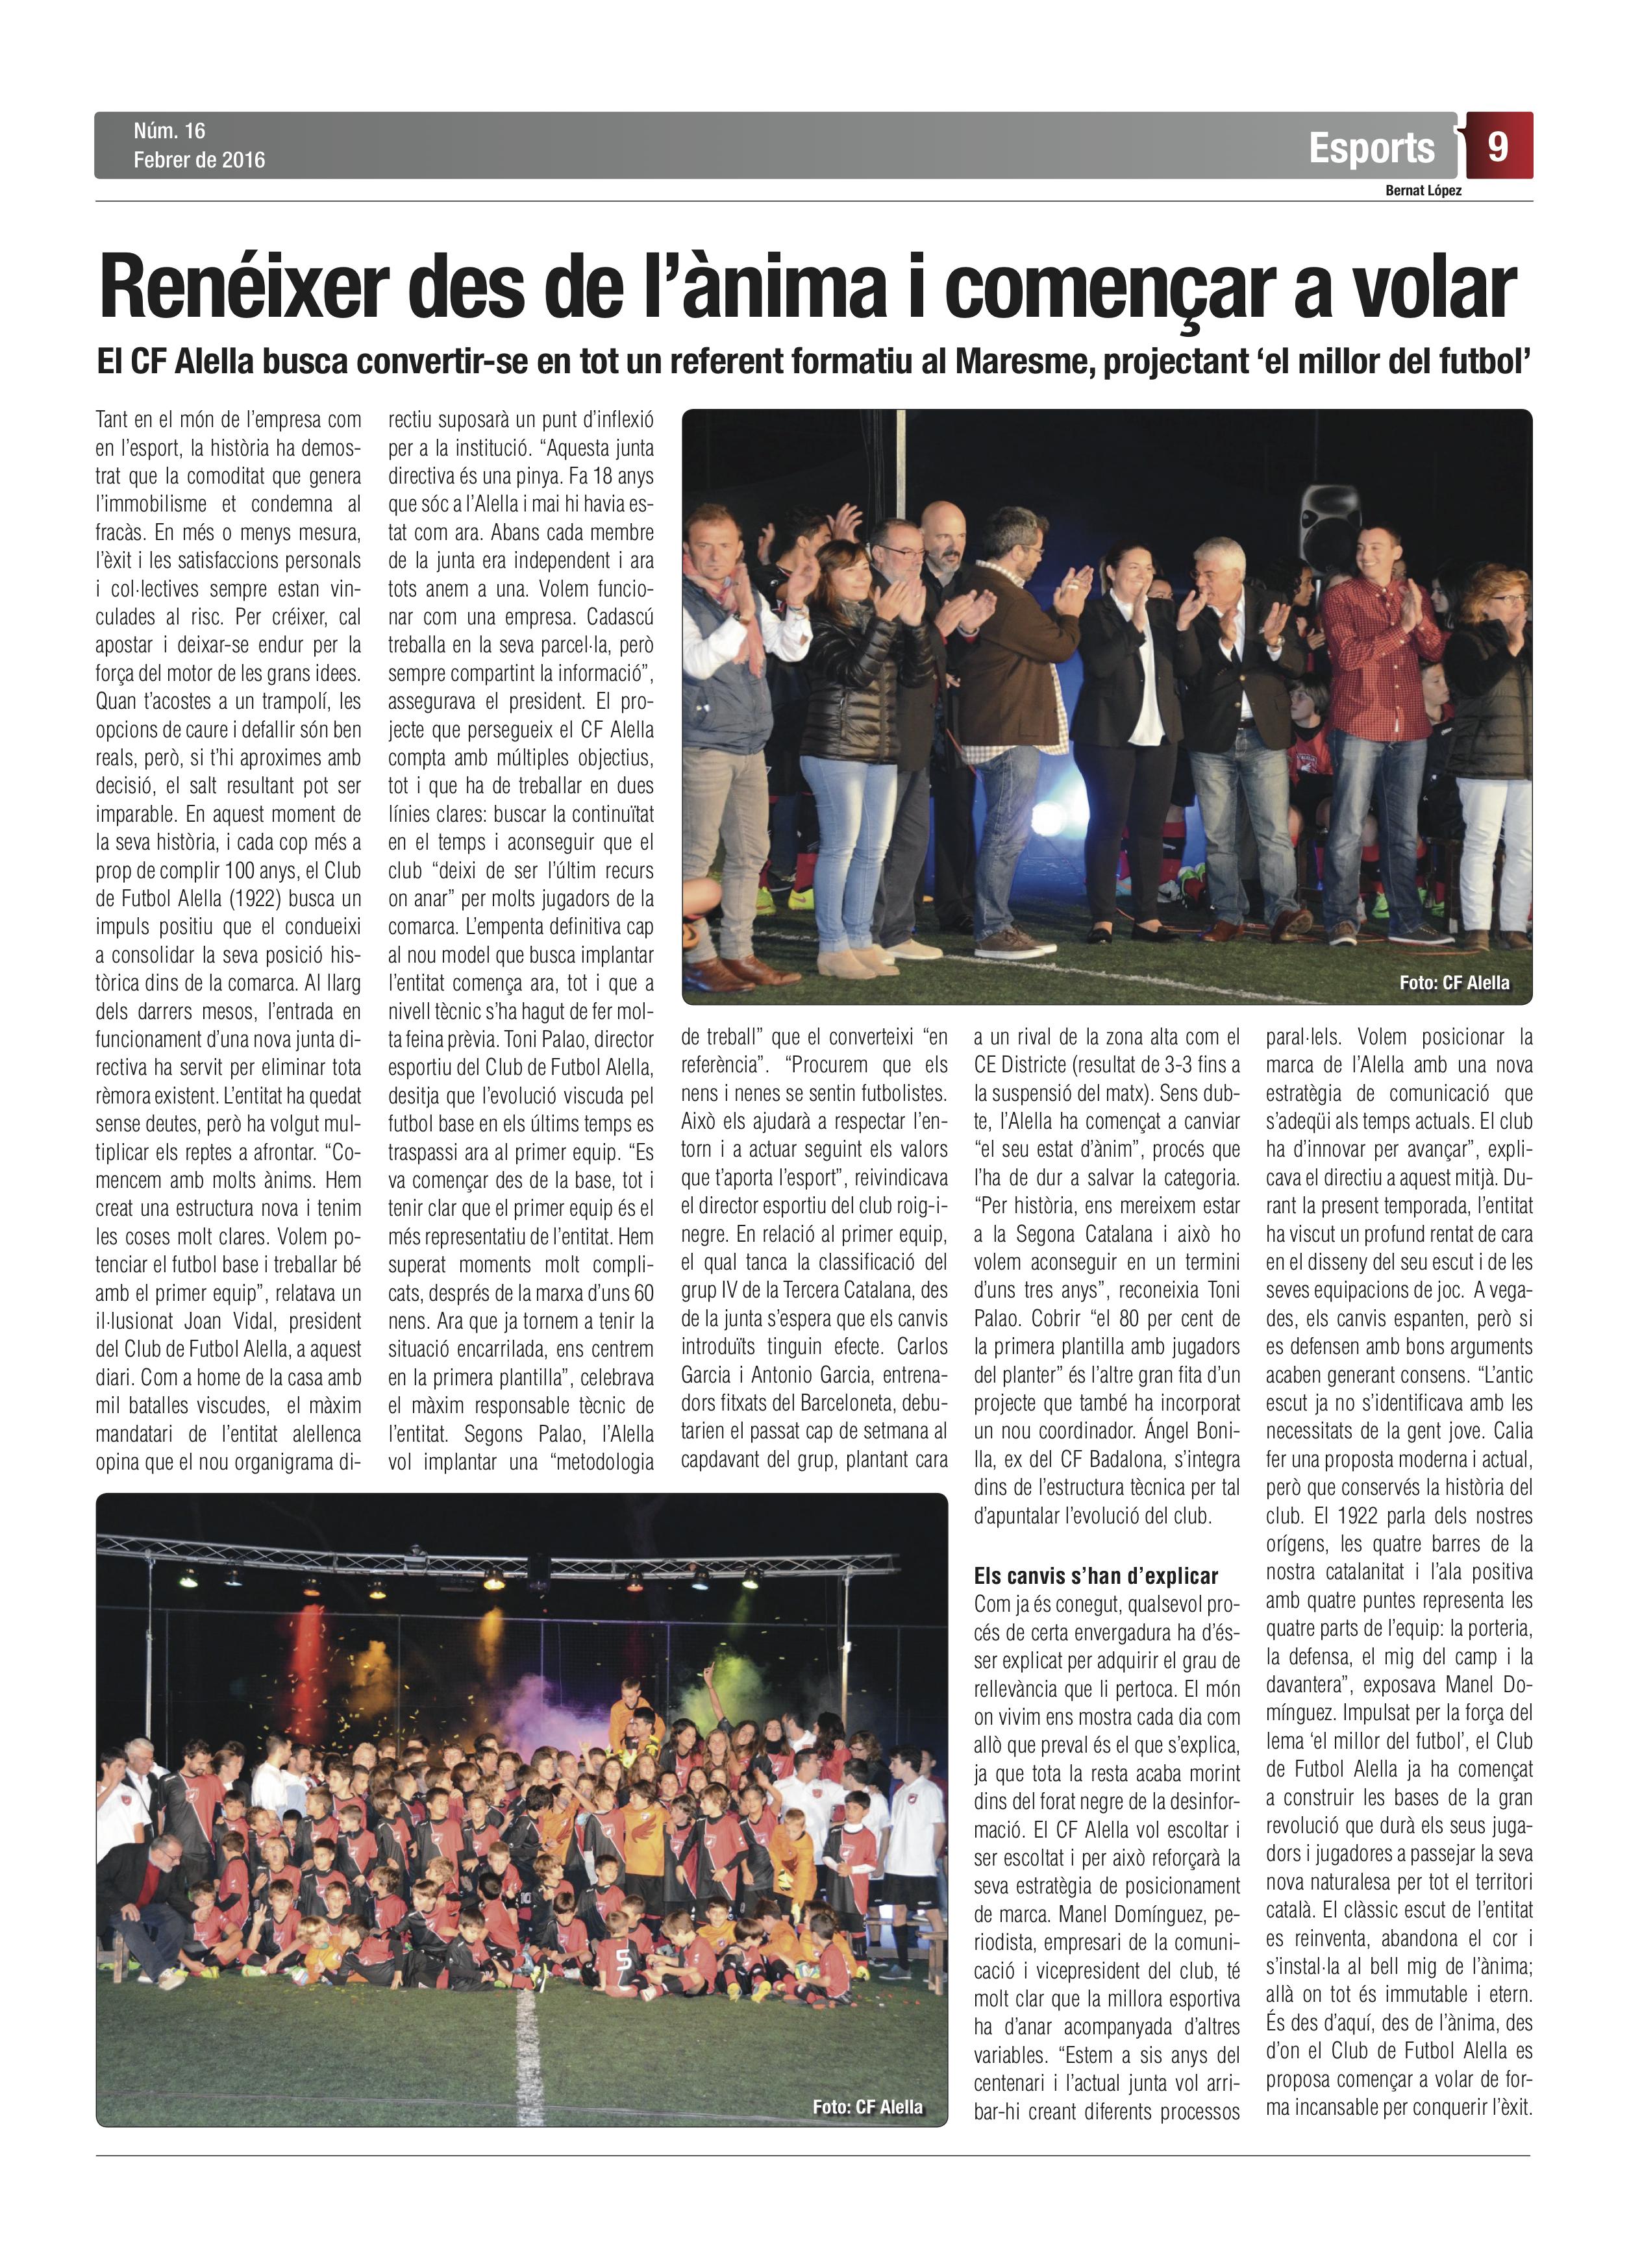 Article del Diari d'Alella sobre el projecte del club